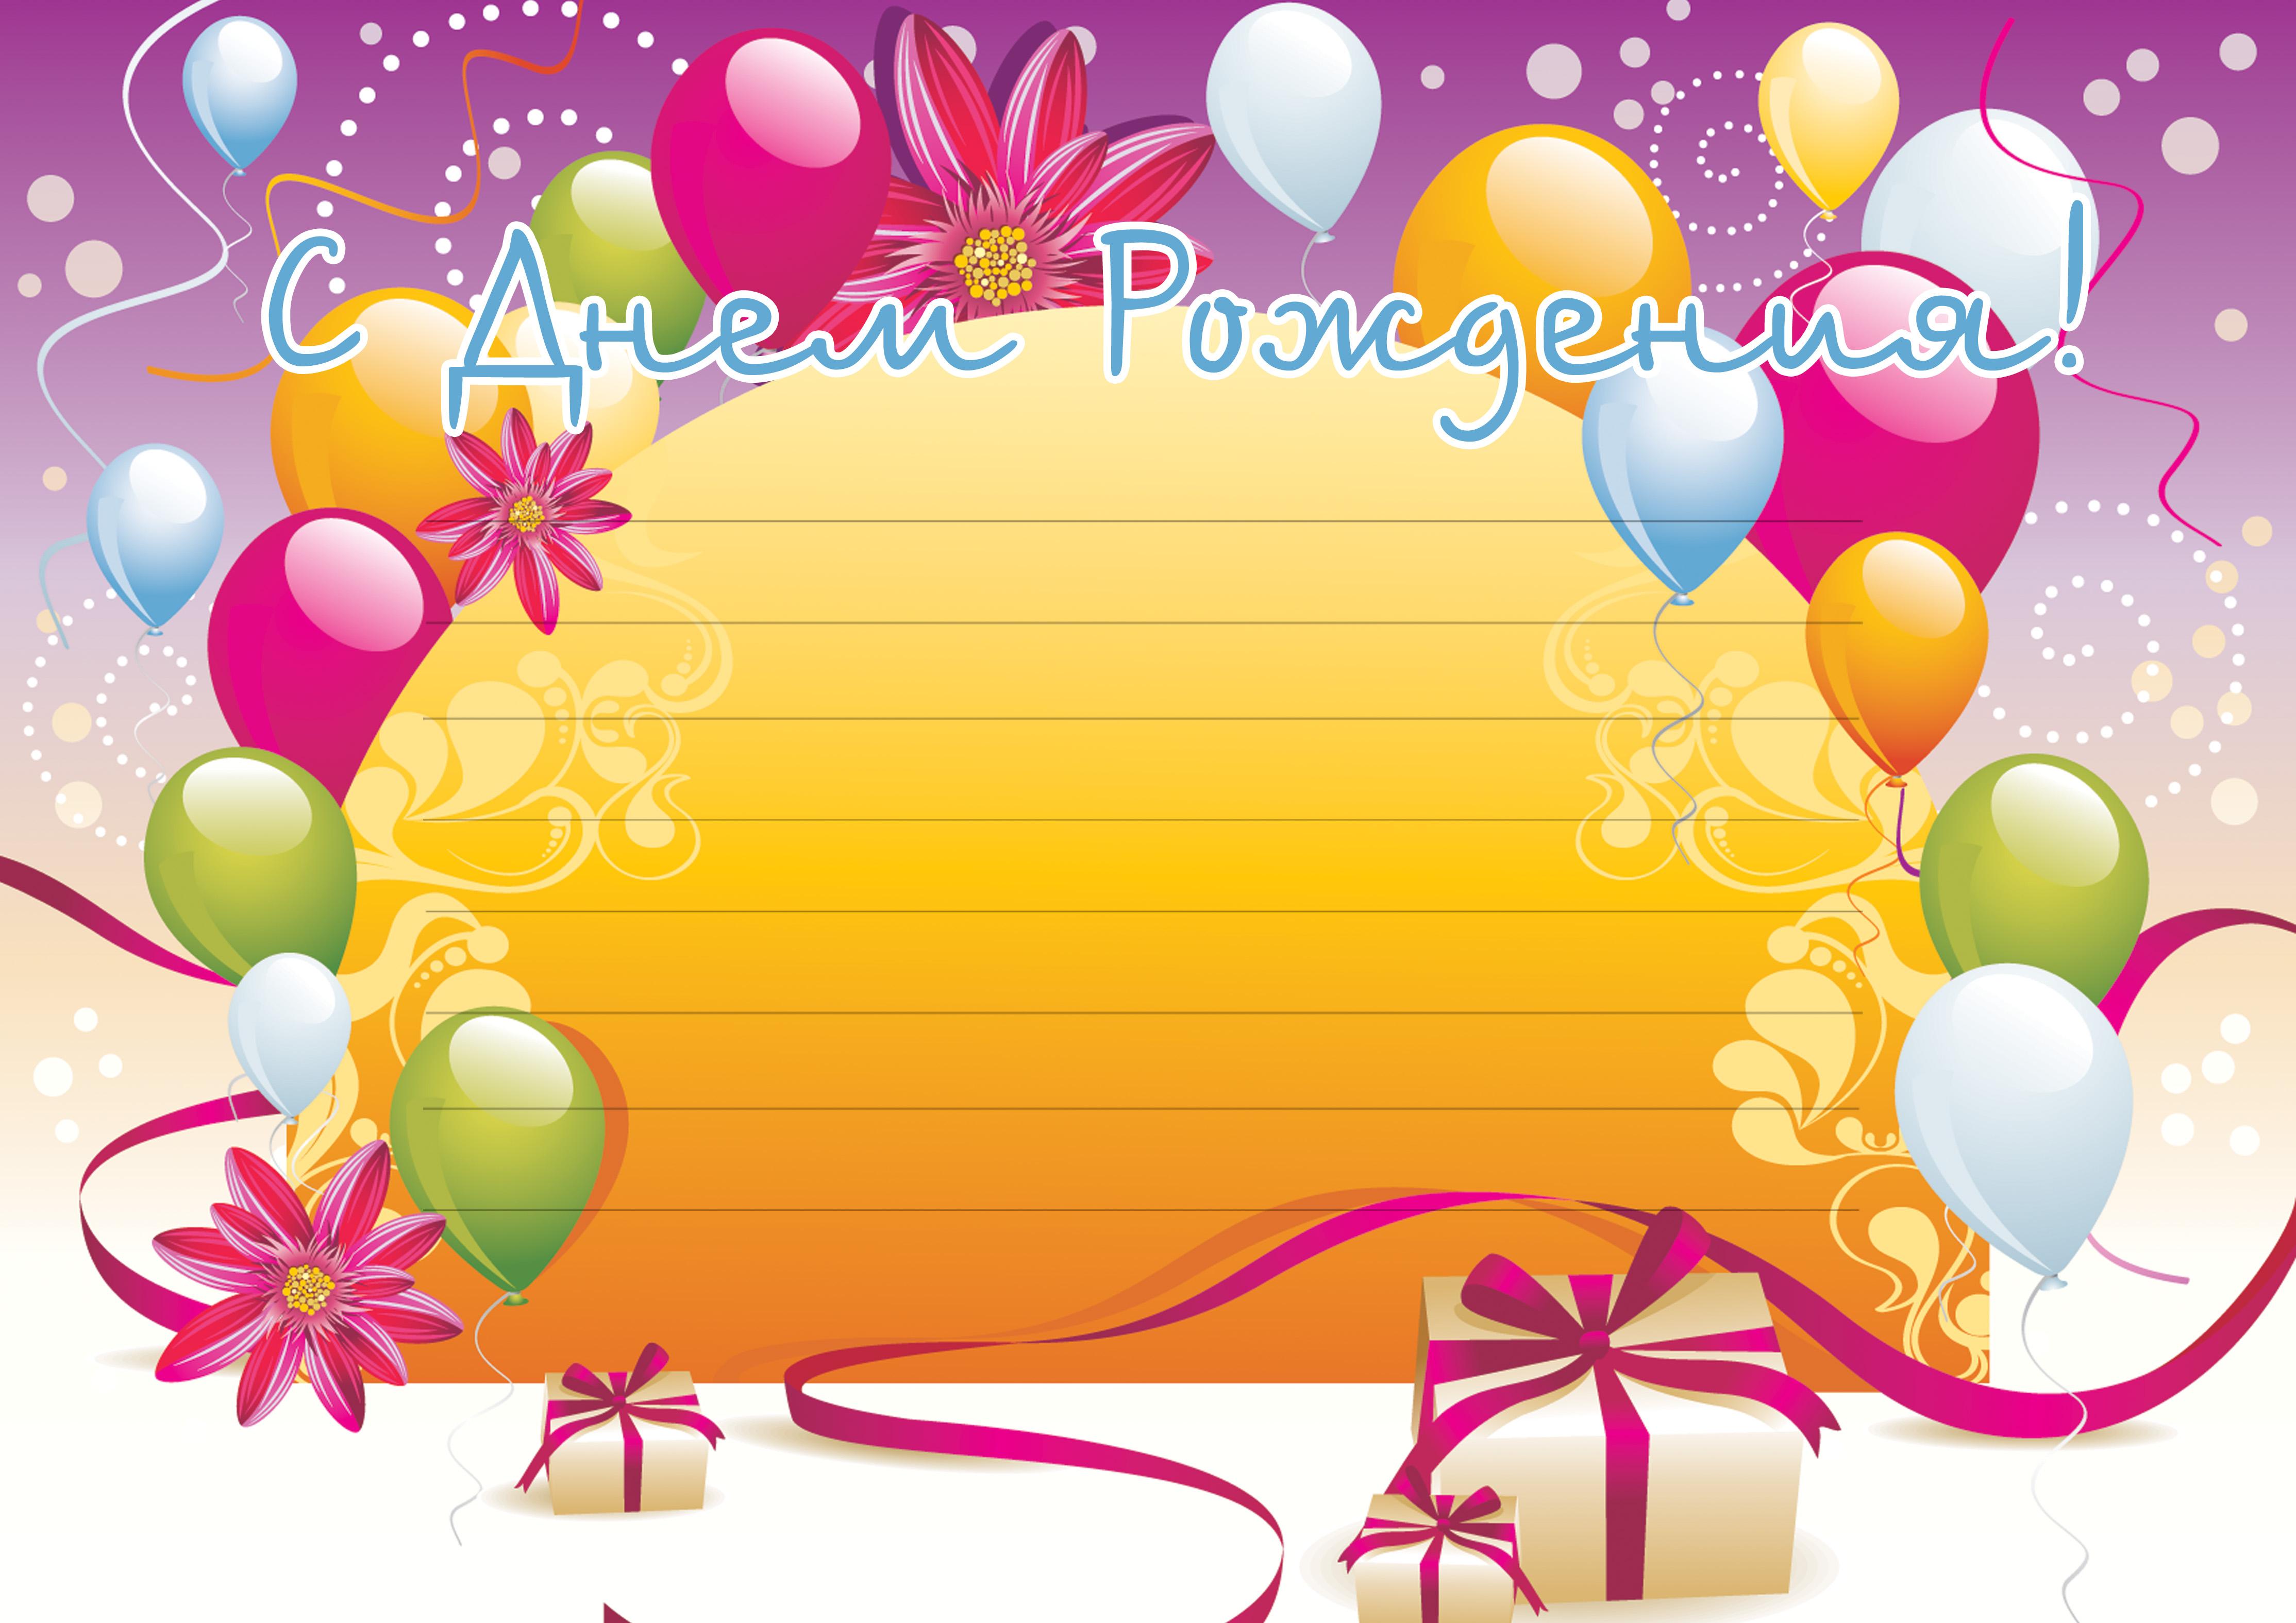 Поздравление с Днем Рождения фон для открытки (37)